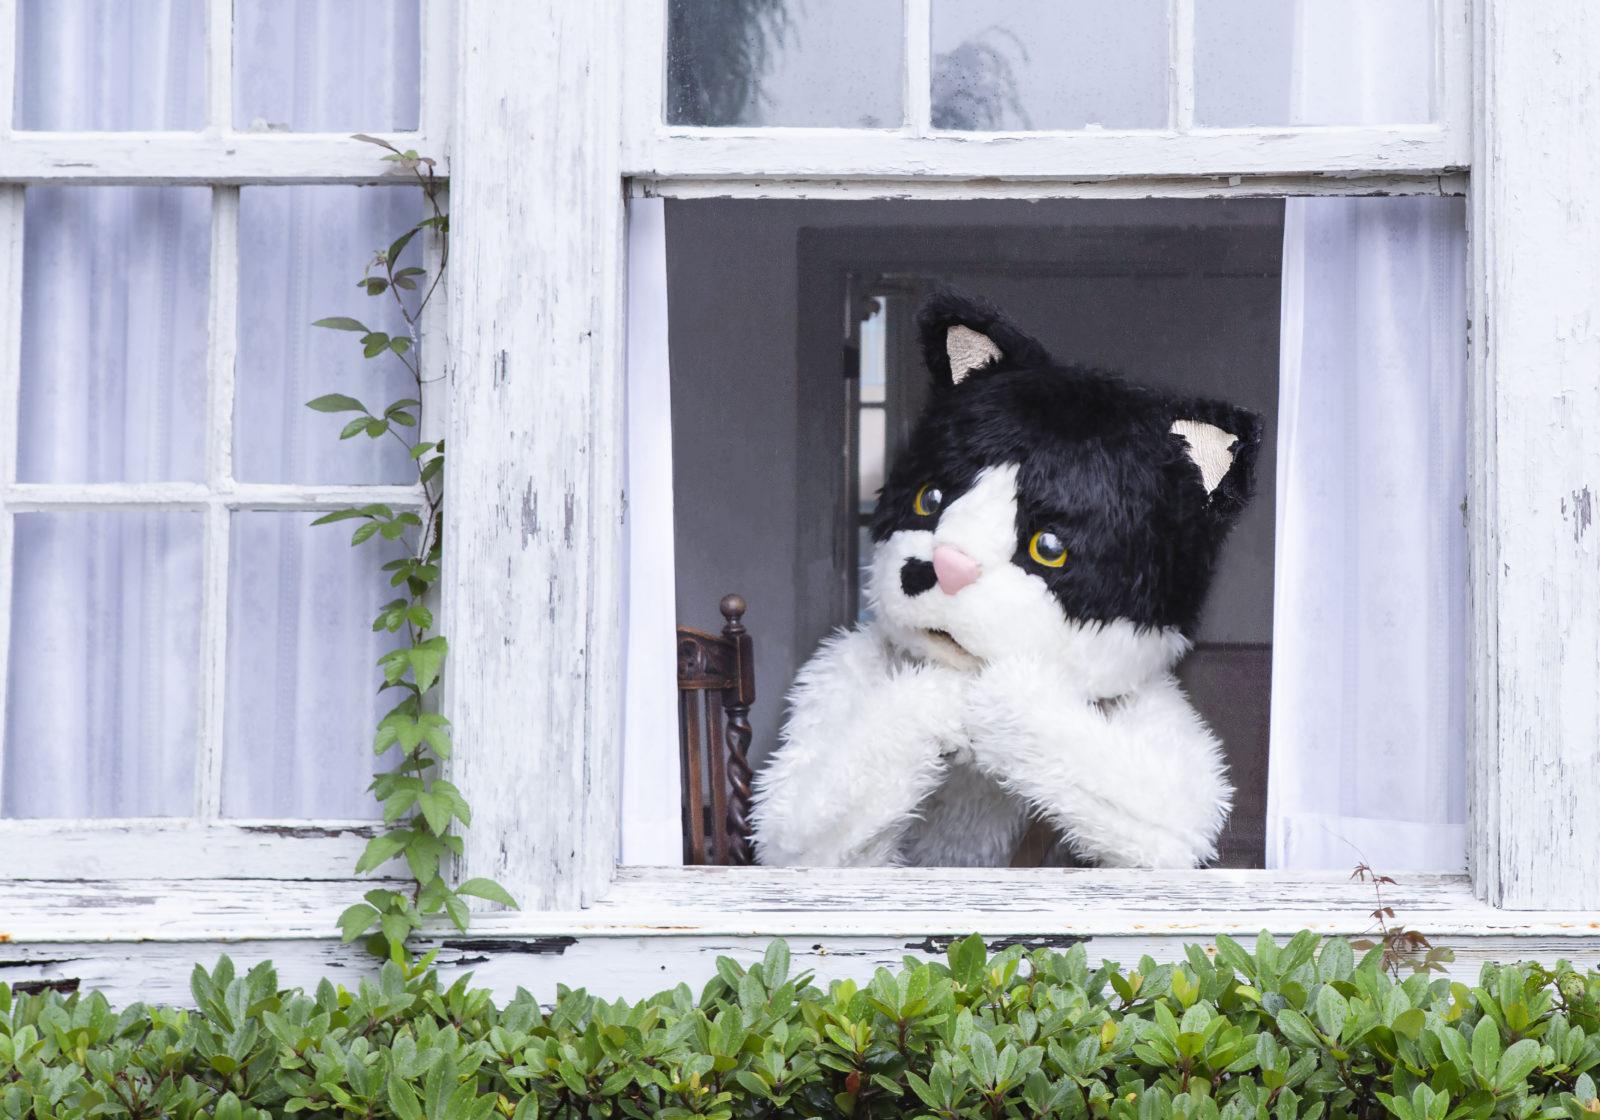 むぎ(猫)「窓辺の猫 feat. つじあやの」、TBS・MBS系全国ネット『プレバト!!』 8・9月度エンディングテーマに決定サムネイル画像